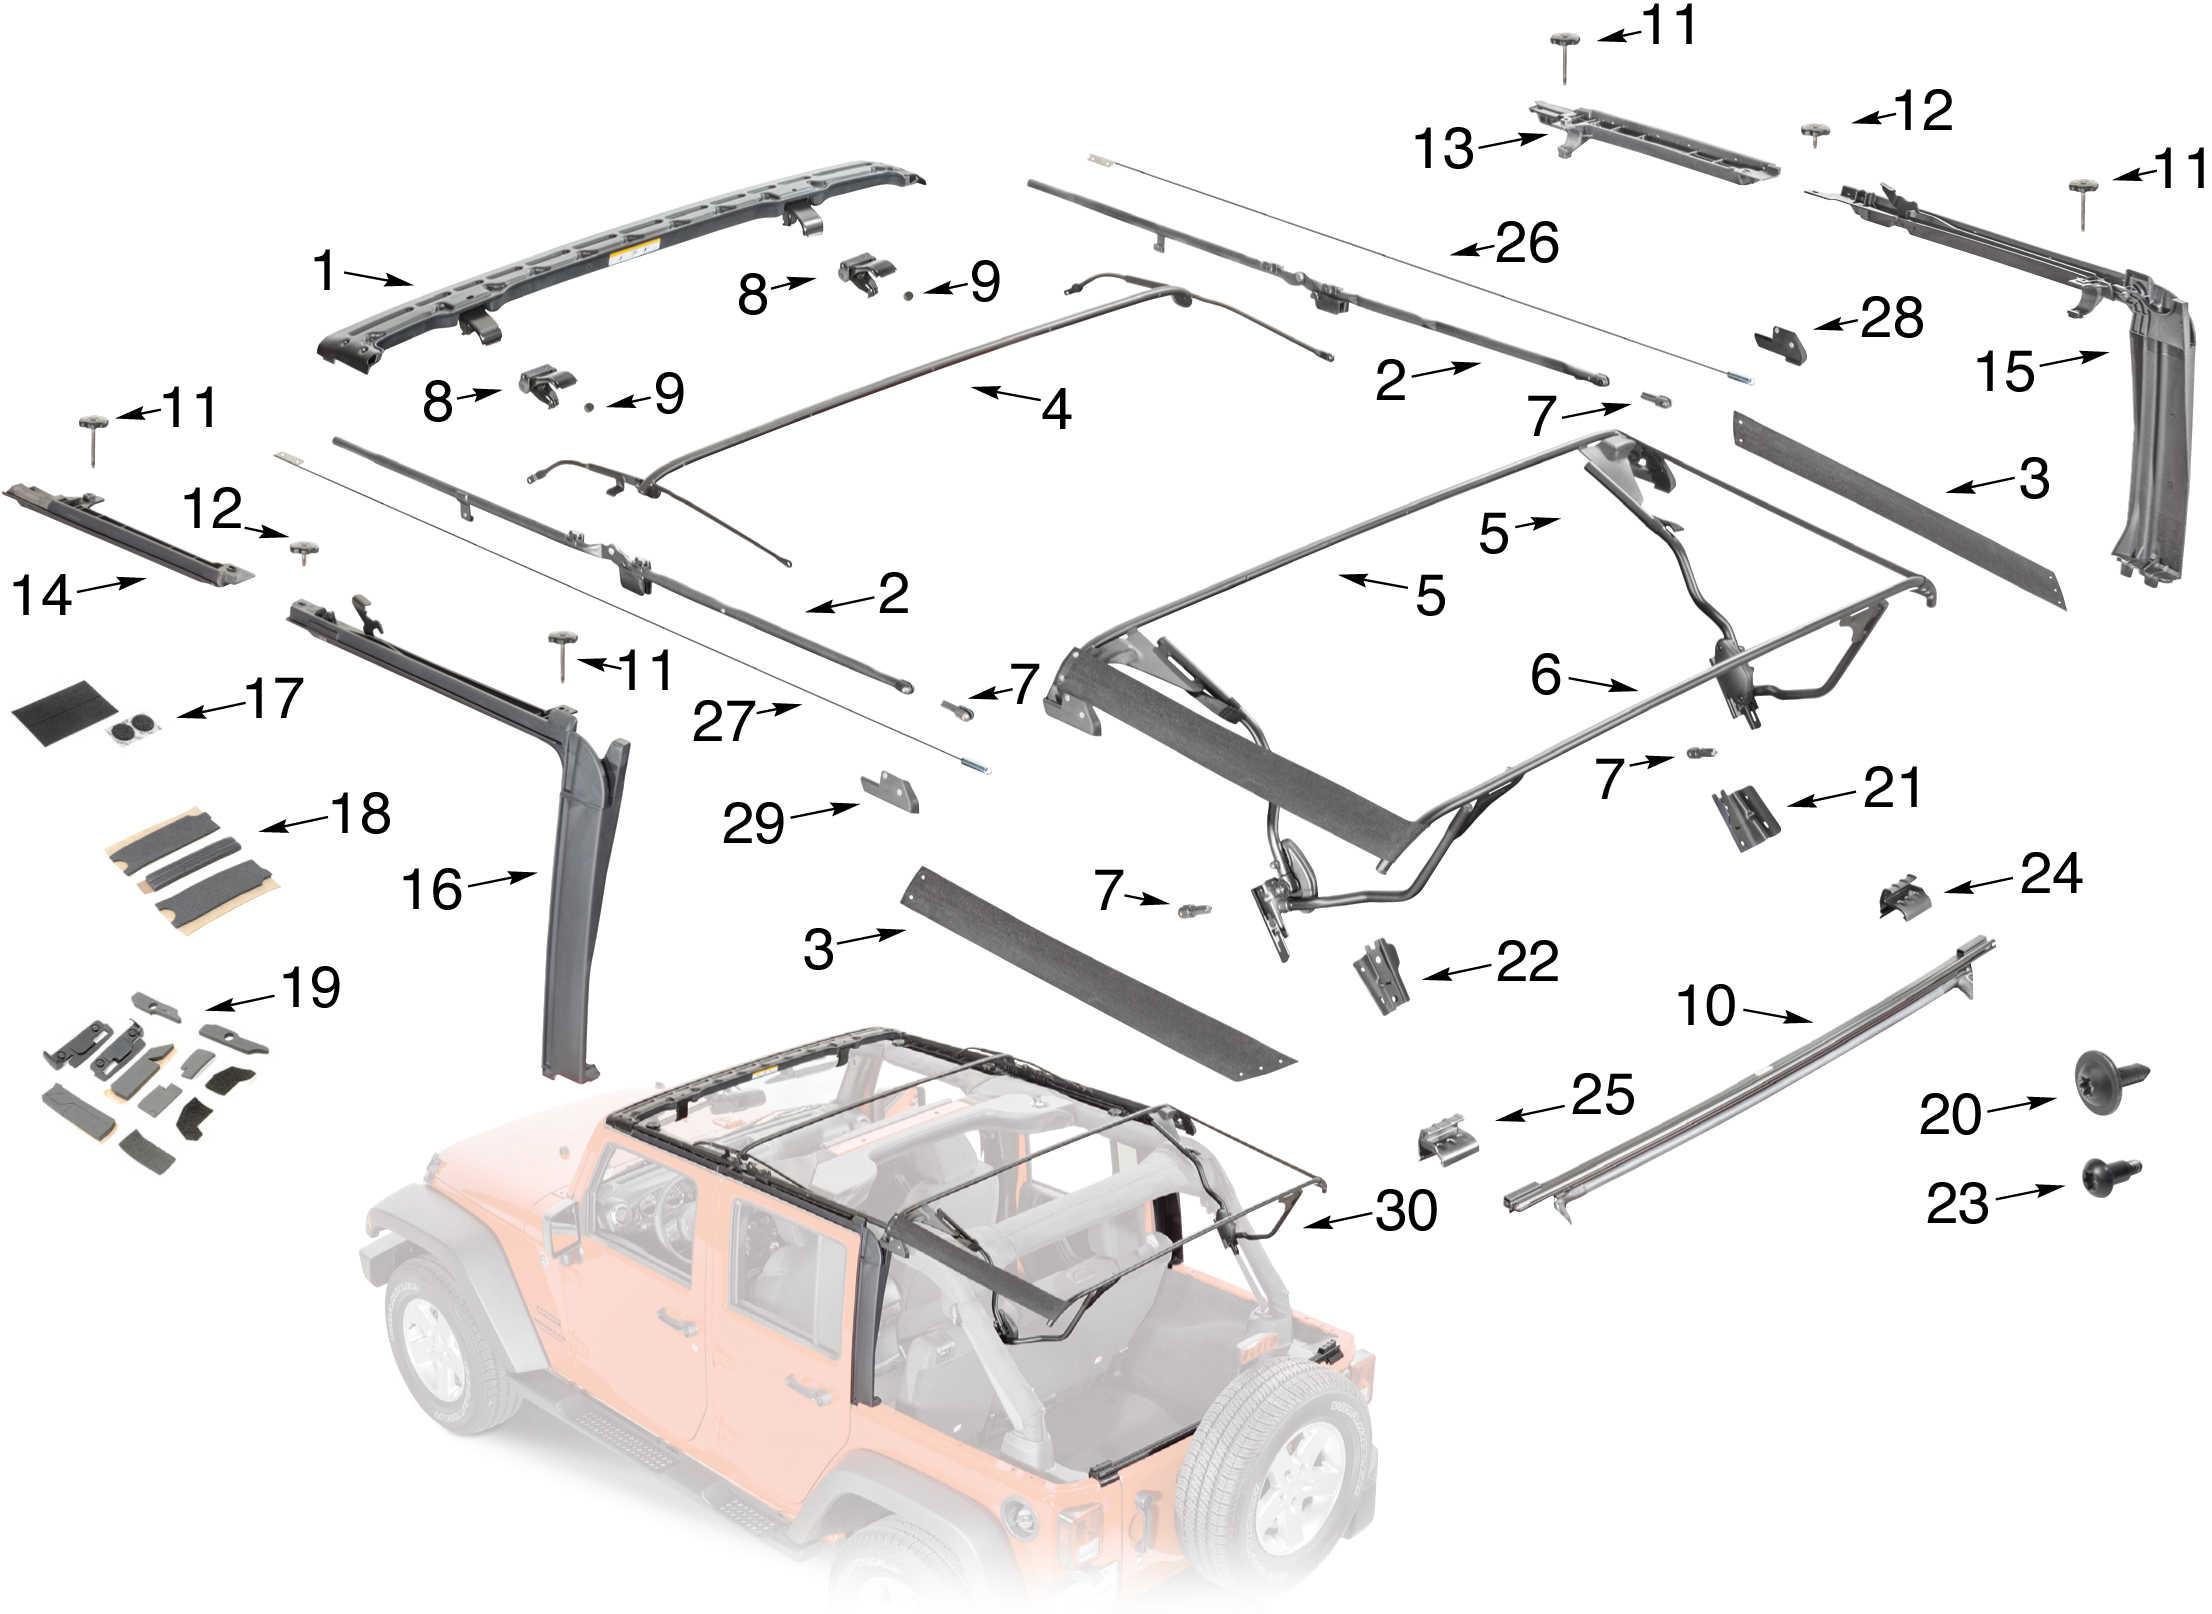 jk top diagram all kind of wiring diagrams u2022 access wiring diagram bestop wiring diagram [ 2212 x 1614 Pixel ]